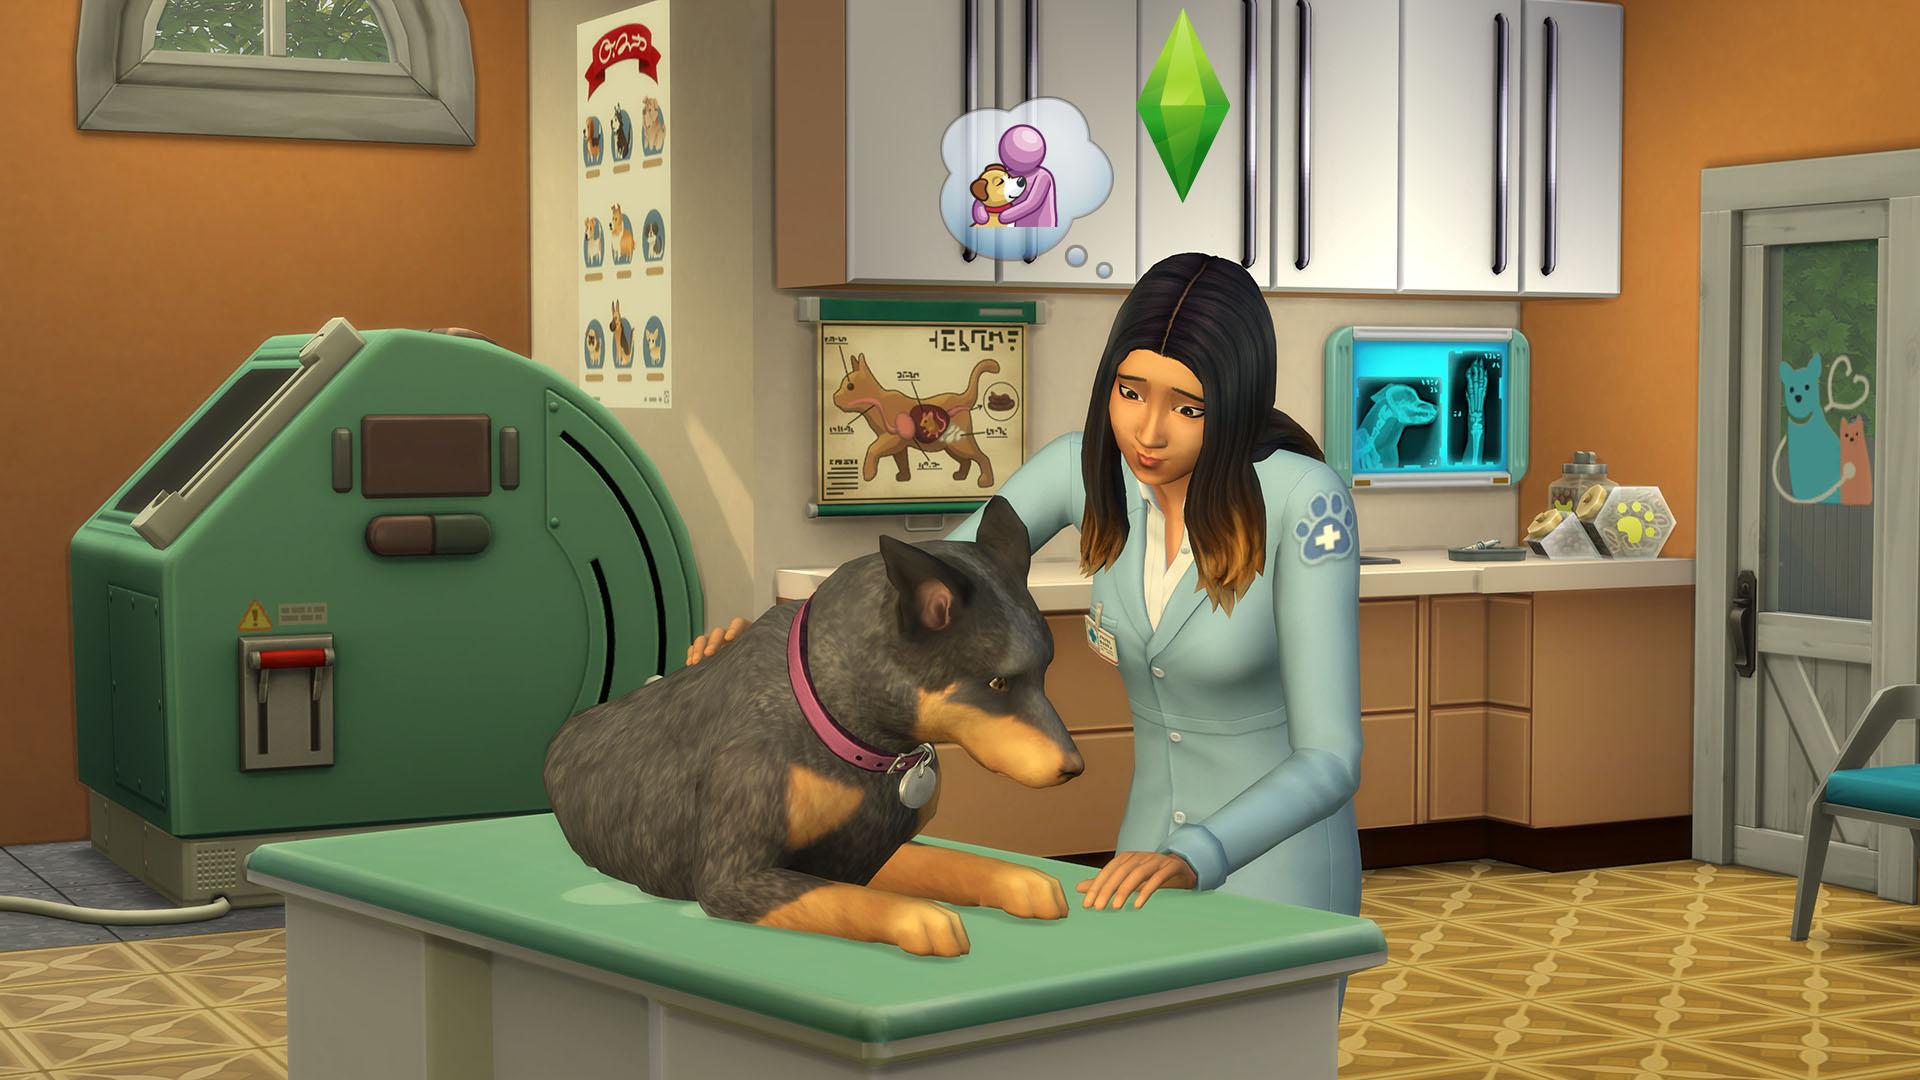 [Sims 4] Perros y Gatos - Página 2 TS4_EP04_OFFICIAL_SCREEN_03-copy